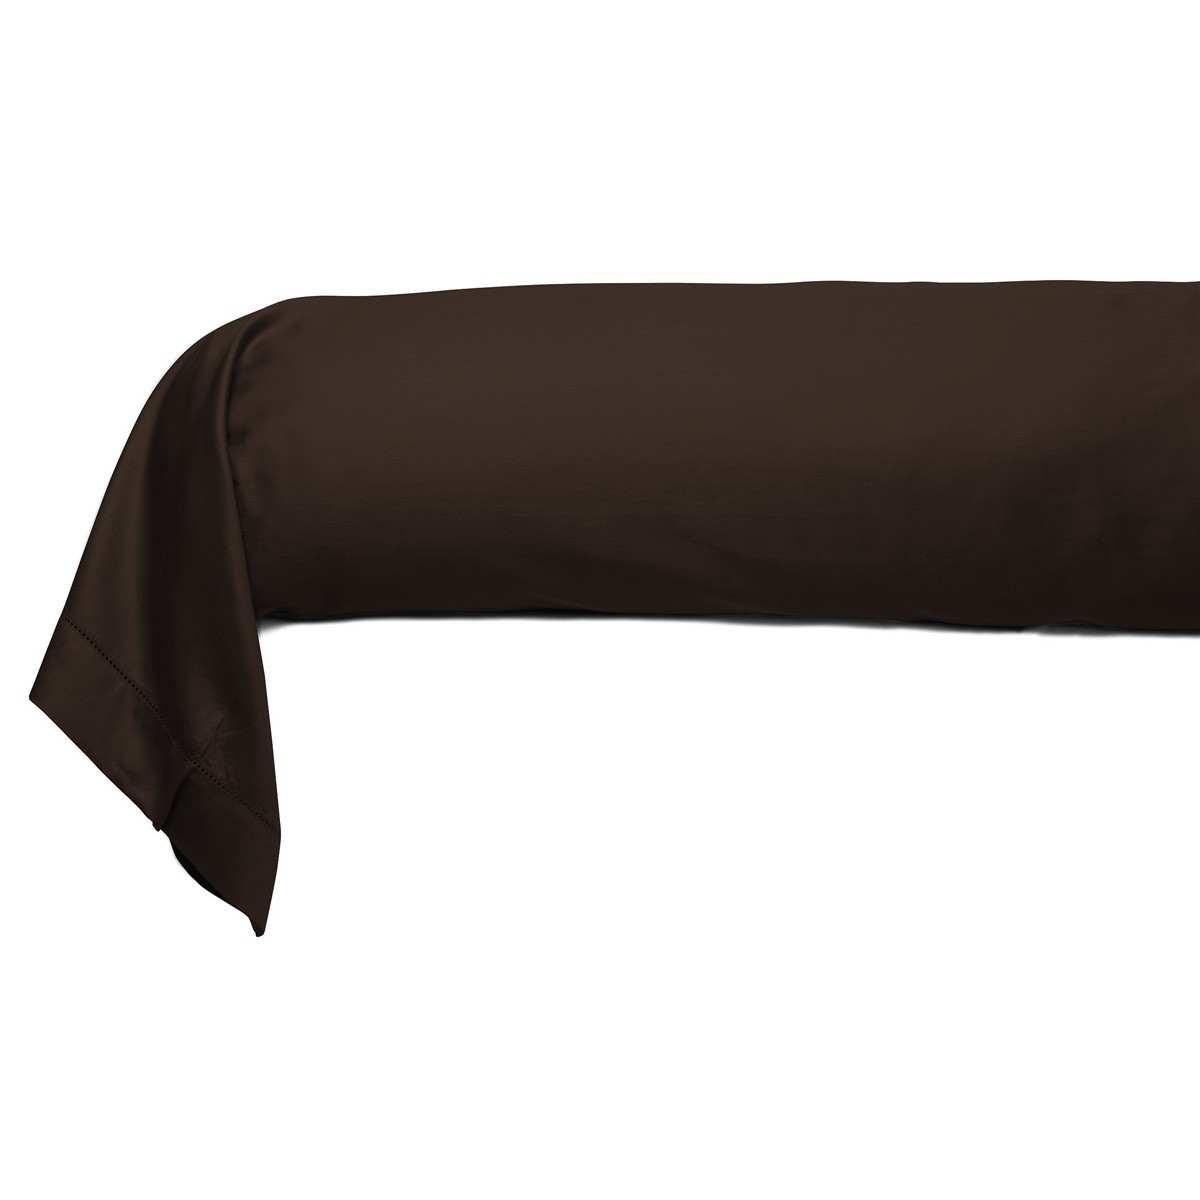 taie traversin unie satin jacquard linge de maison de. Black Bedroom Furniture Sets. Home Design Ideas